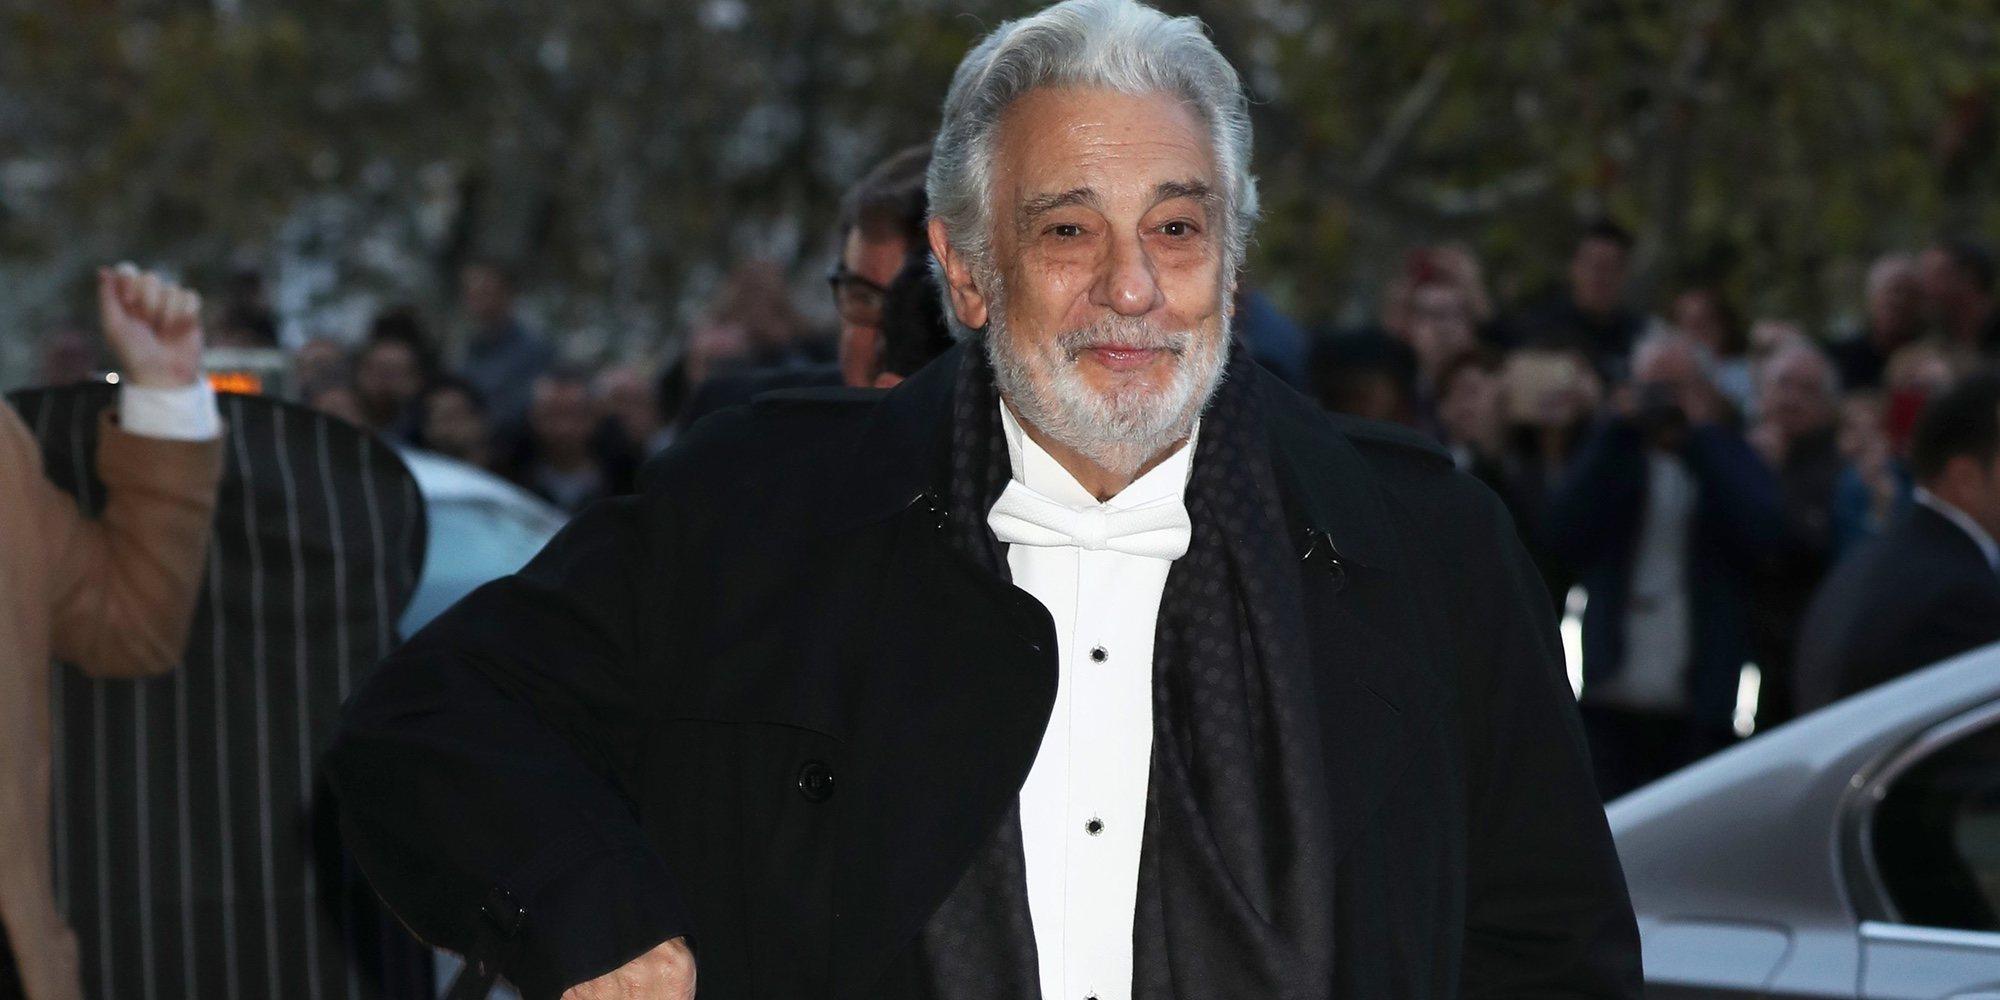 Plácido Domingo dimite como director de la Ópera de Los Ángeles tras las acusaciones por acoso sexual